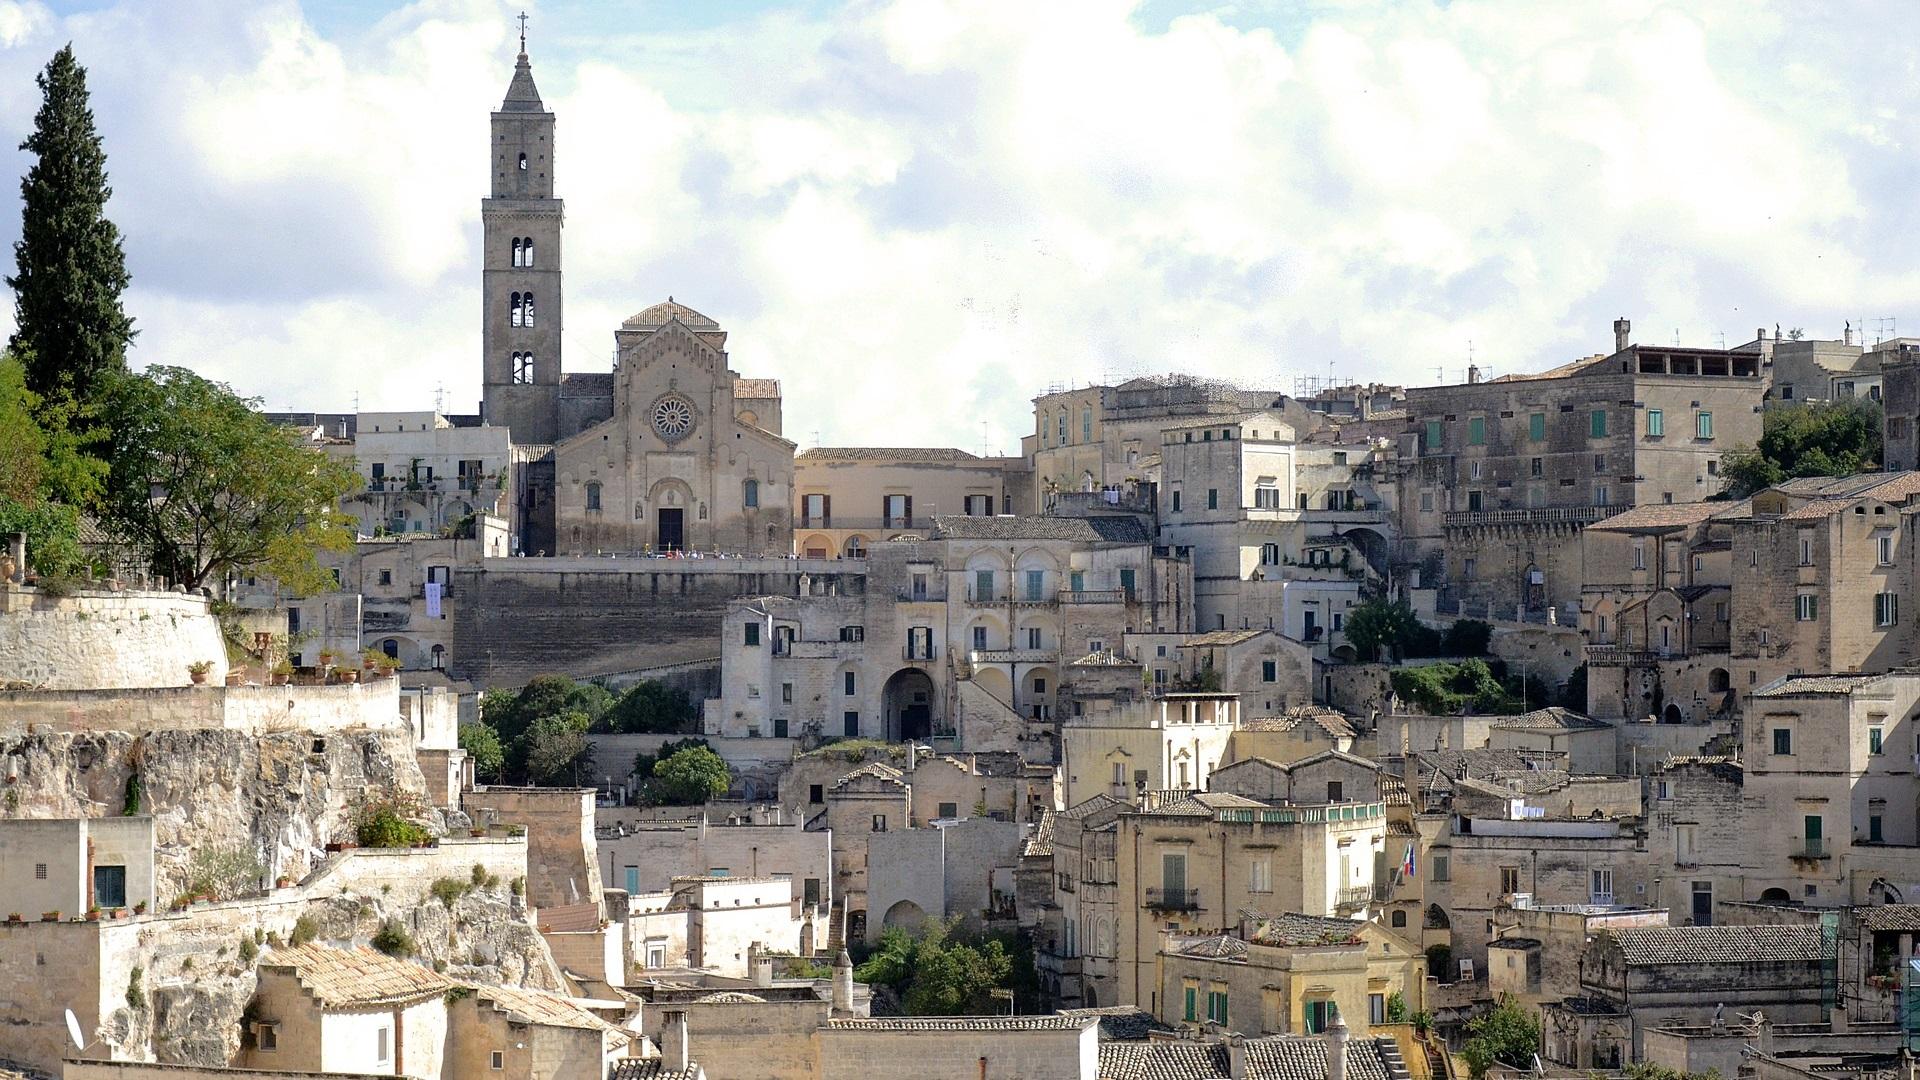 Матера, Италия<br /> <br /> Разположен в южната част на Италия, град Матера е най-известен с белите конструкции на Саси, издълбани в неговите варовикови хълмове, които го превърнаха в част от световното културно наследство на ЮНЕСКО. Ази година Матера е европейска столица на културата, заедно с българския Пловдив.